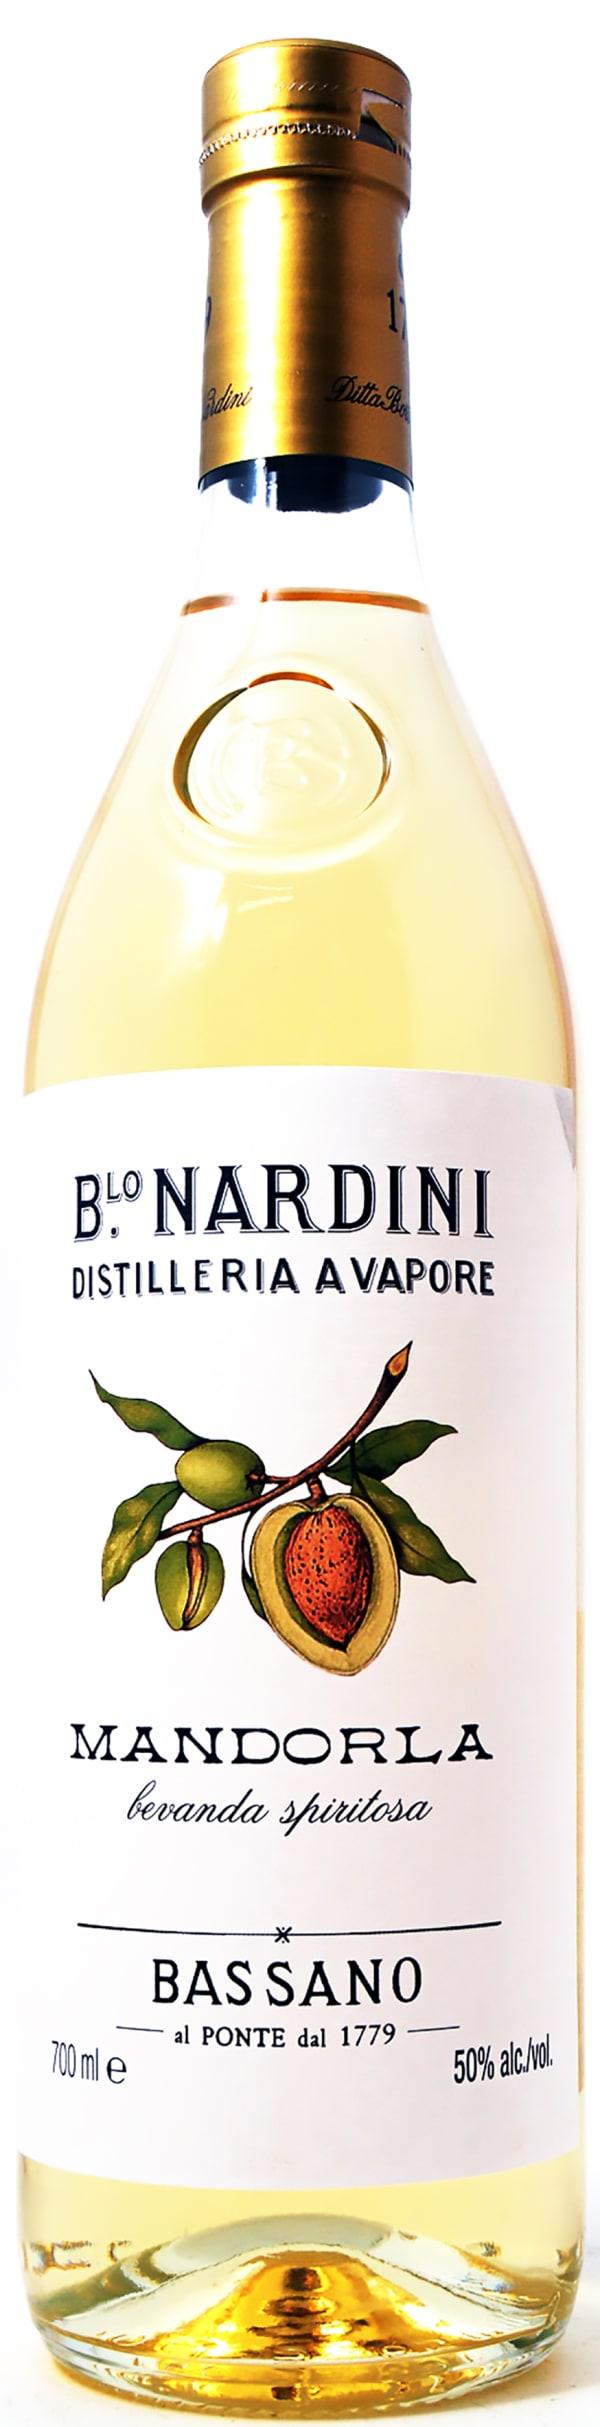 Nardini Mandorla